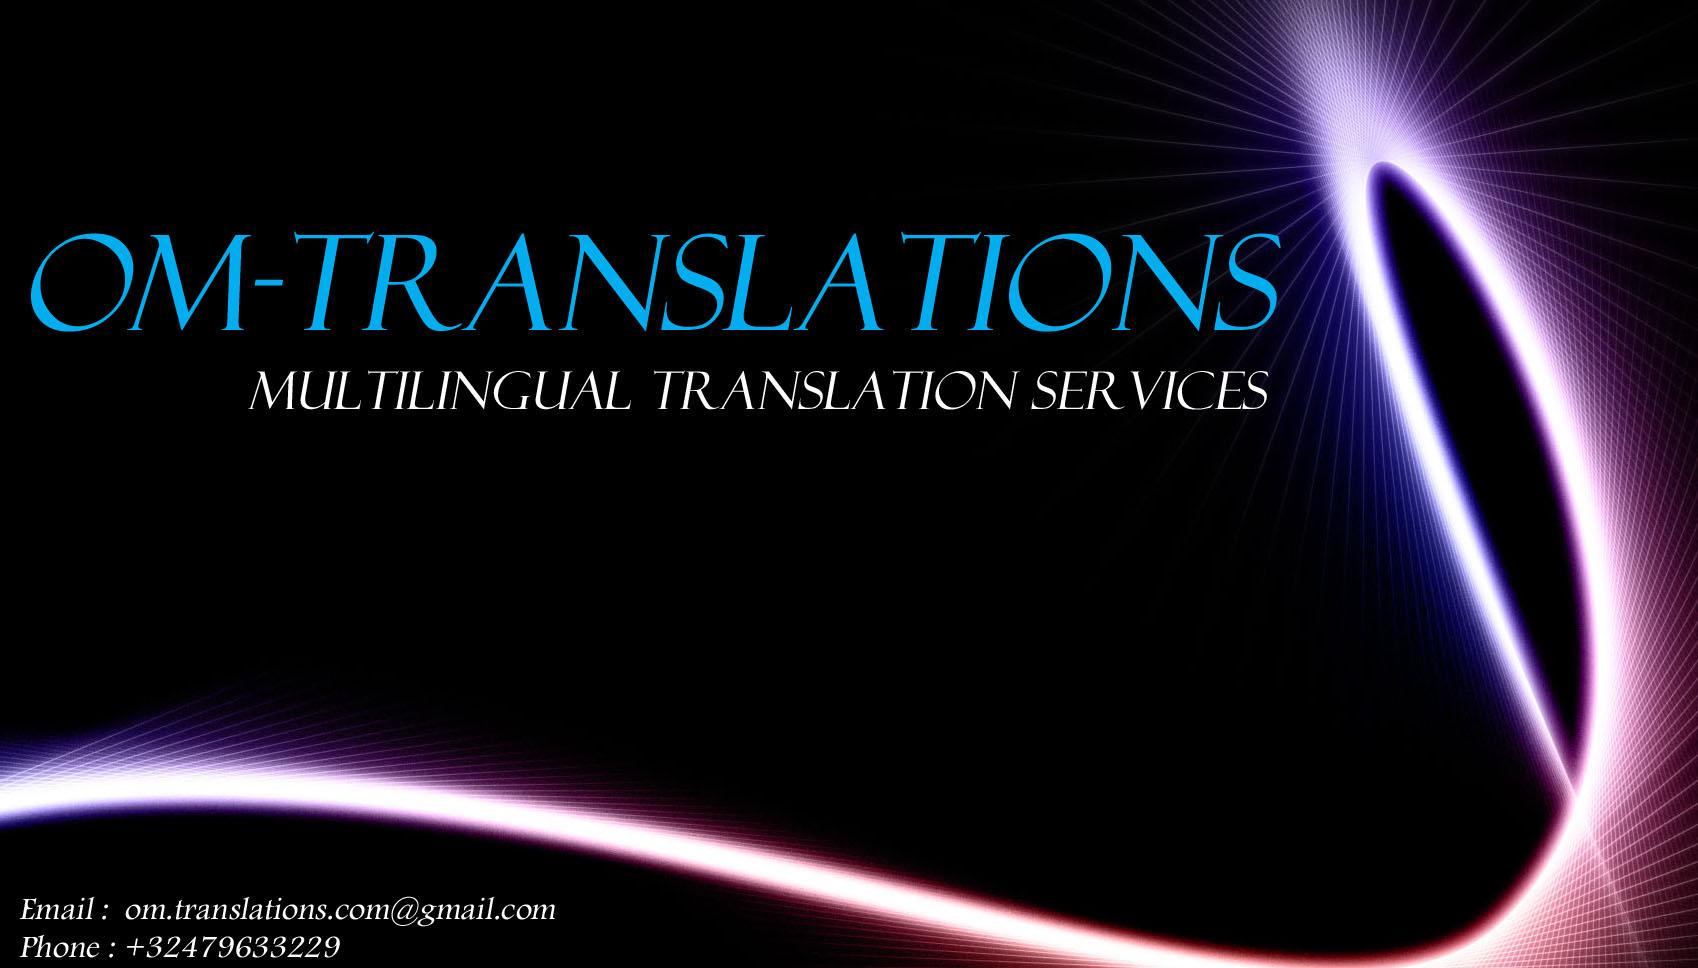 Photo du traducteur